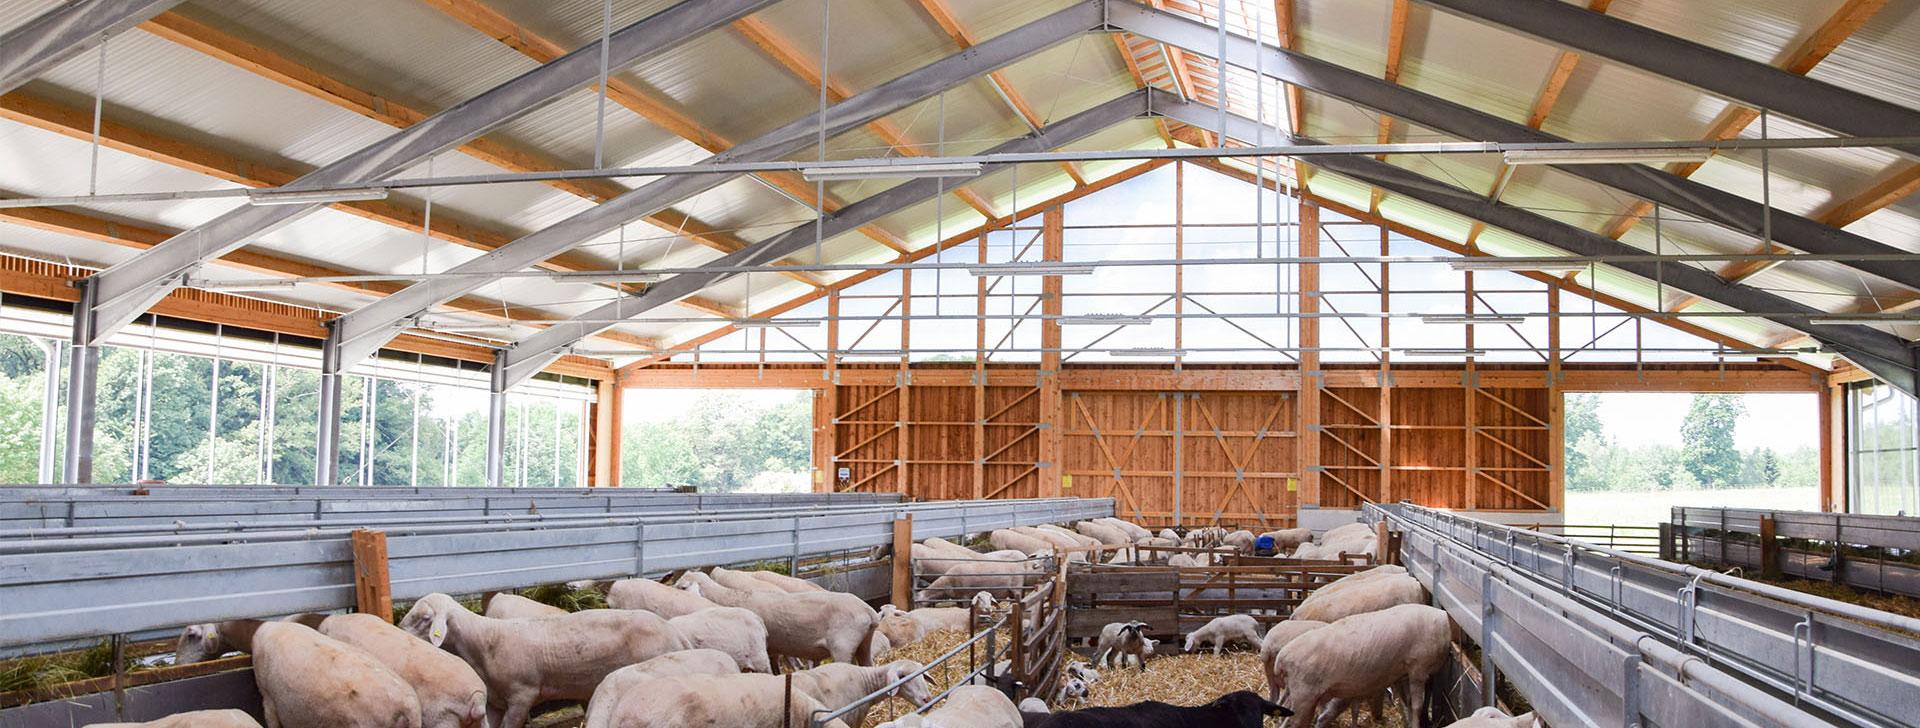 Schafstall mit Stahlrahmen